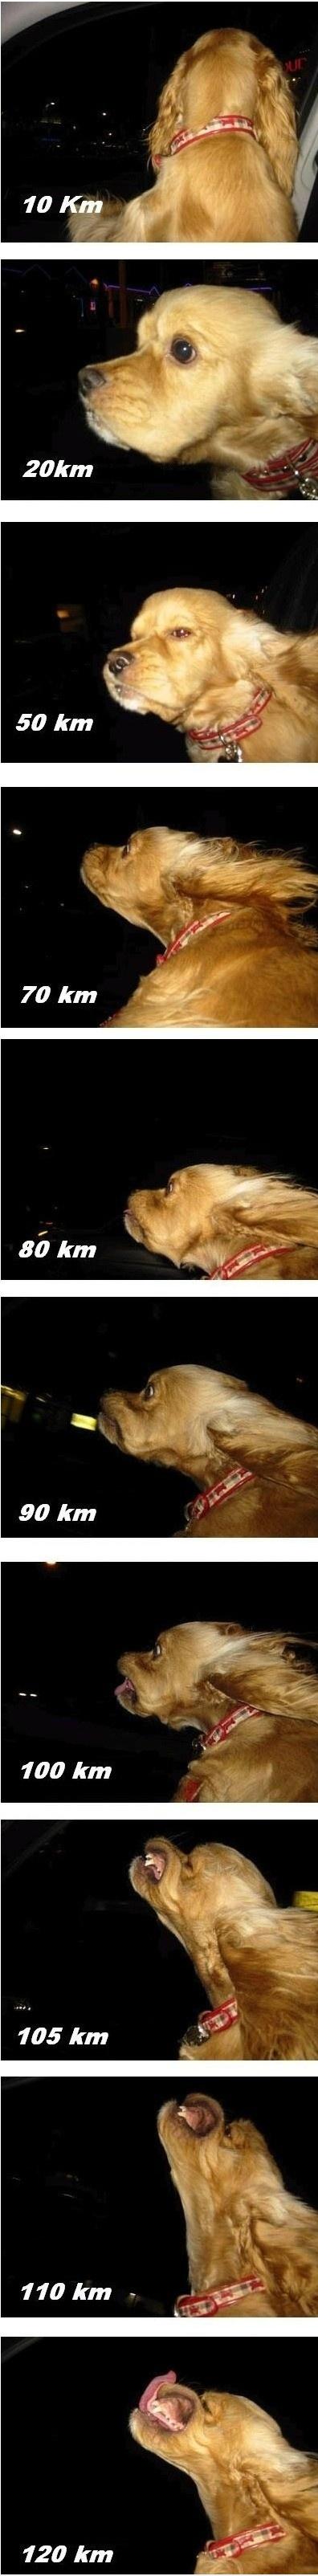 Собака на скорости от 10 до 120 км/ч.